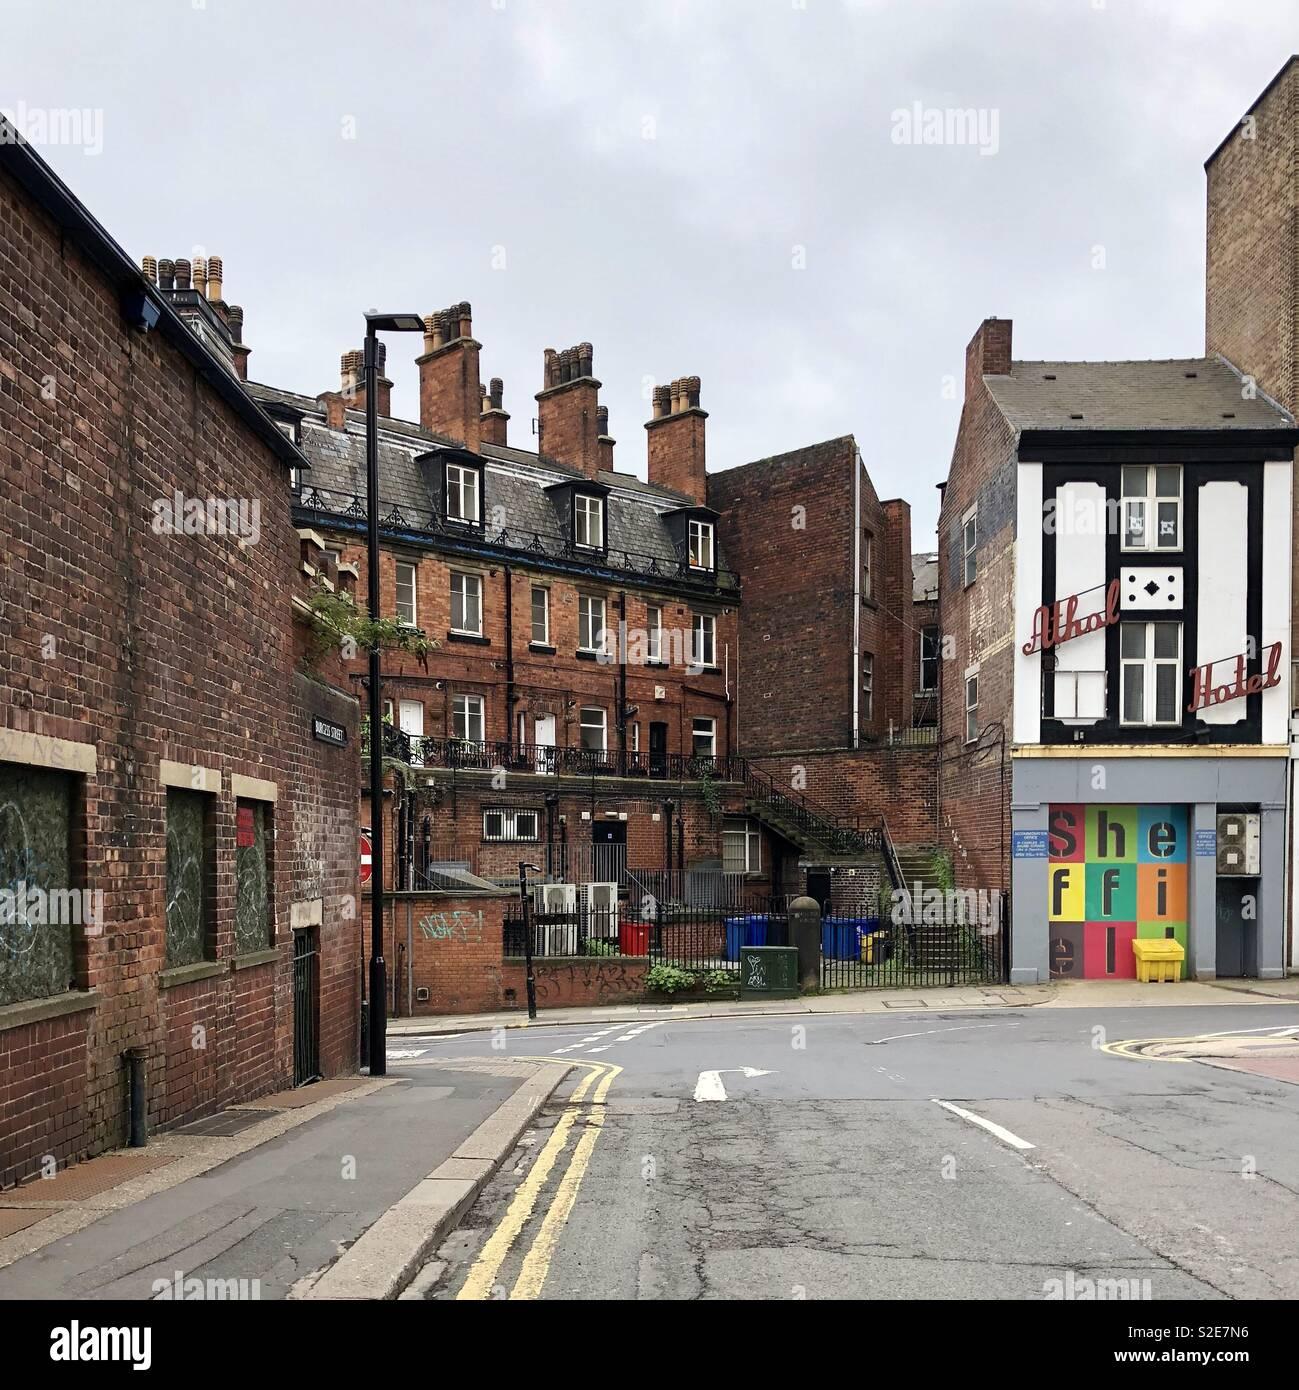 Sheffield Abandoned Stock Photos & Sheffield Abandoned